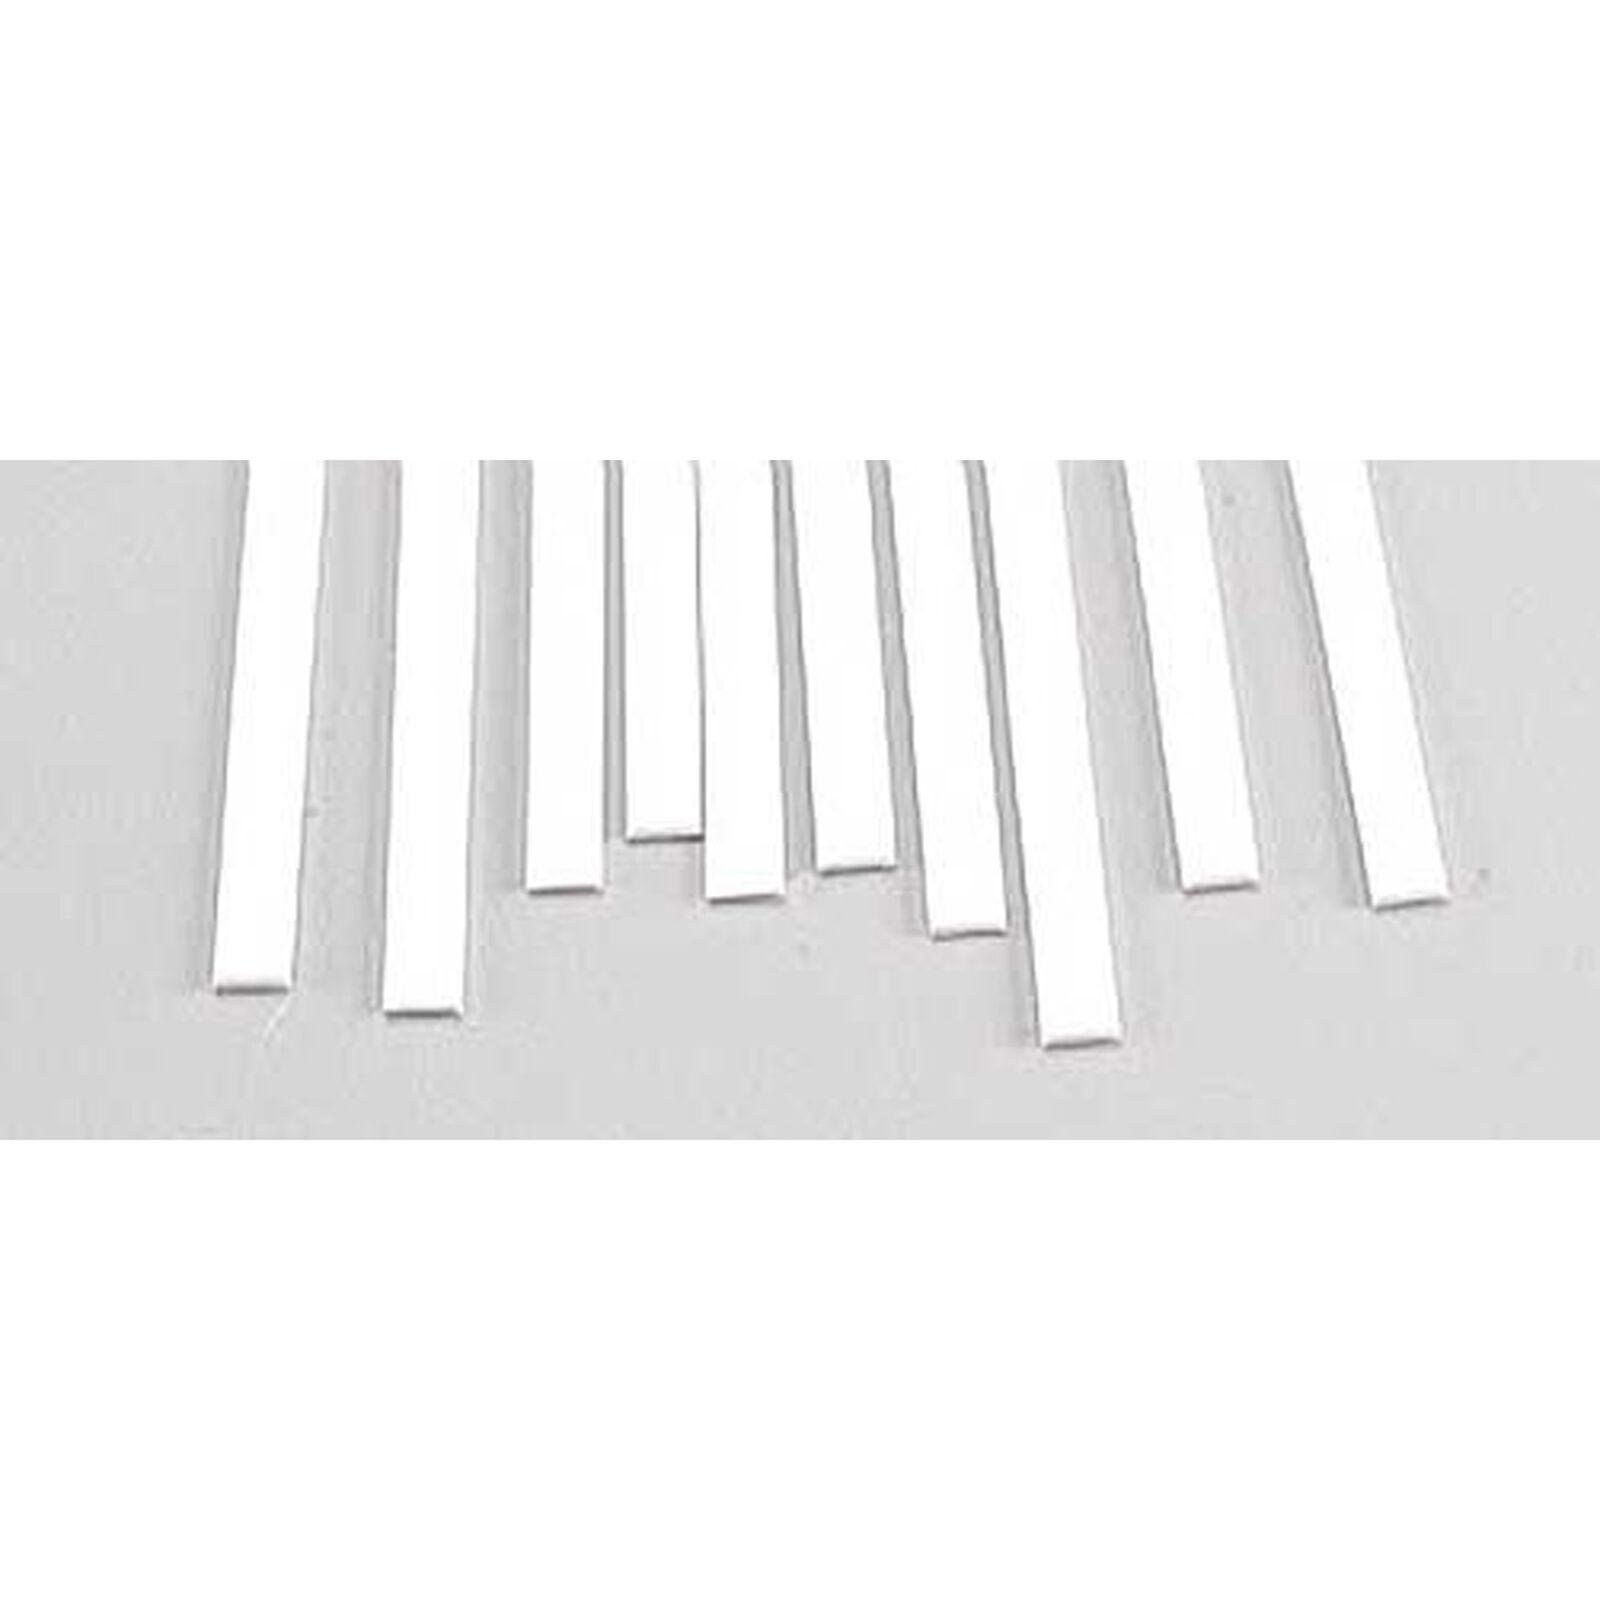 MS-419 Rect Strip,.040x.187 (10)